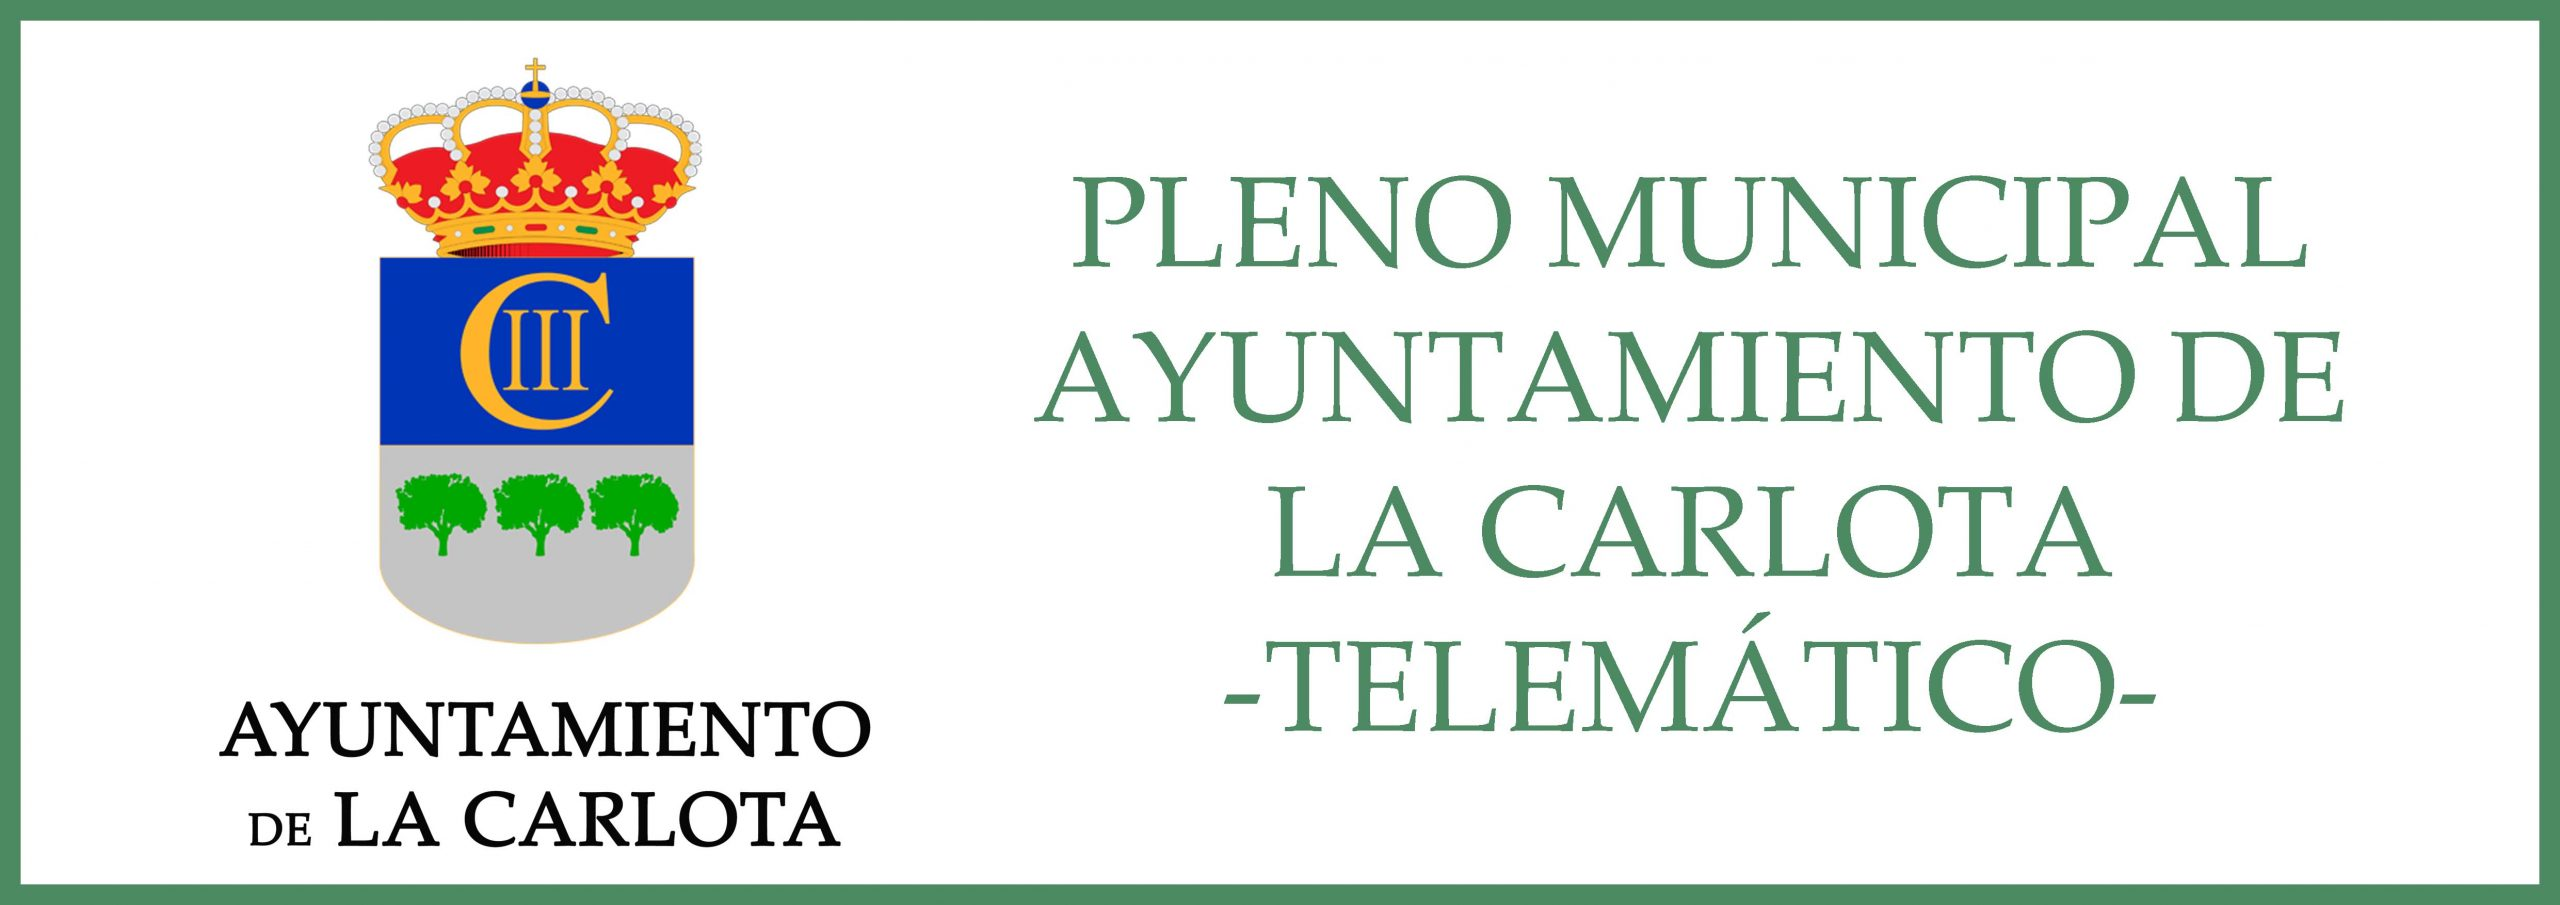 PLENO MUNICIPAL DE MAYO DEL AYUNTAMIENTO DE LA CARLOTA 1